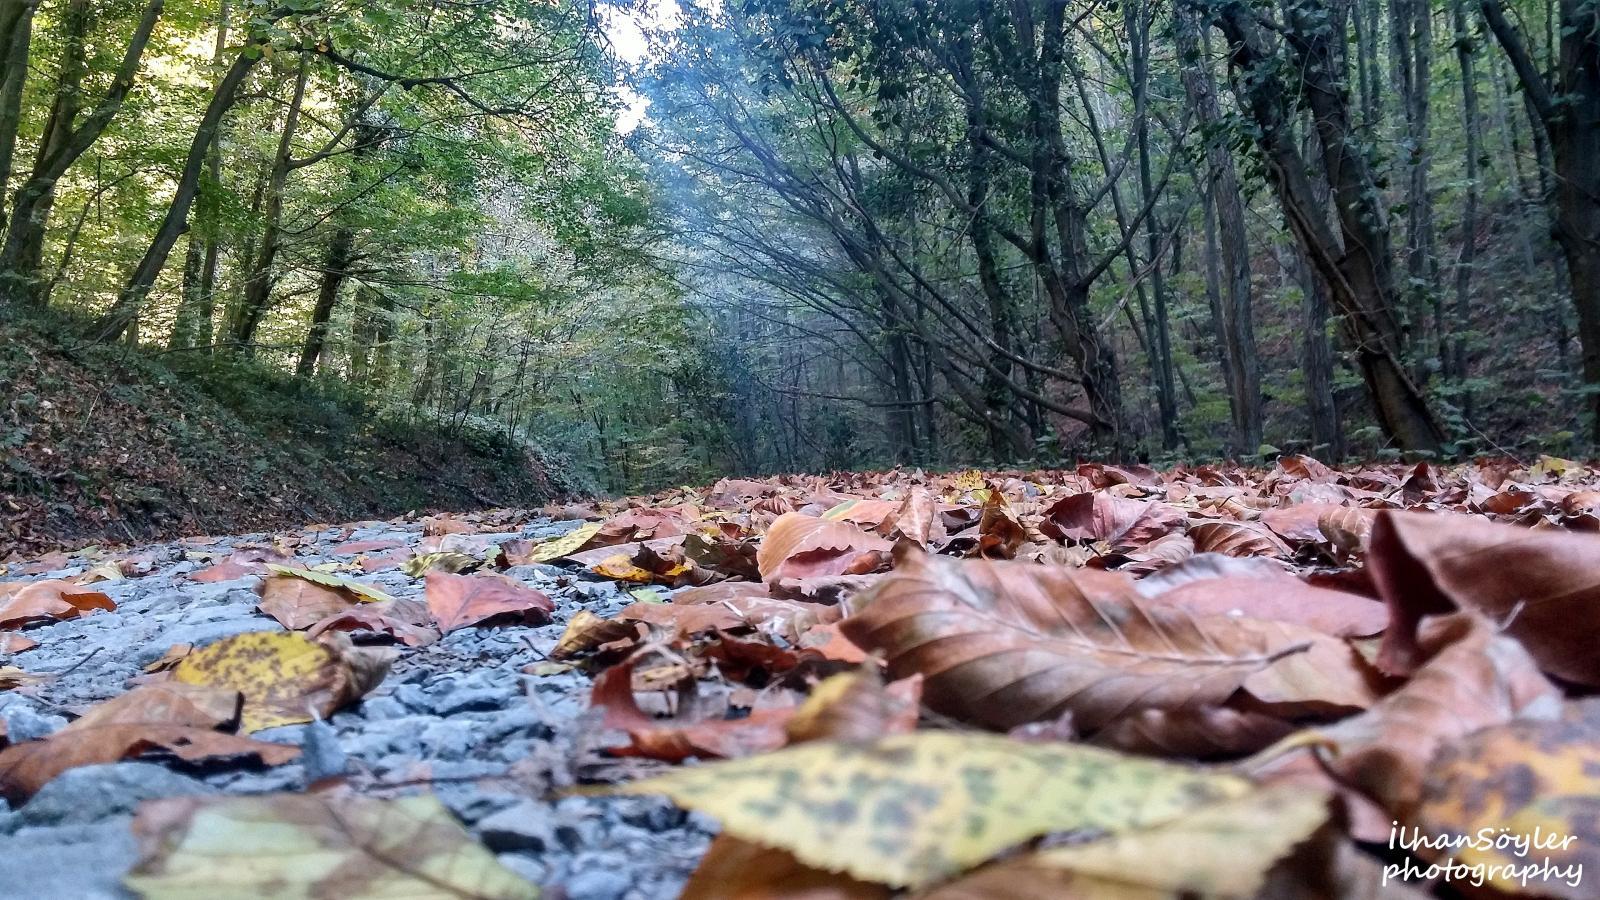 Yaprak Sıkılmıştı Ağaçtan, Bahaneydi Sonbahar.